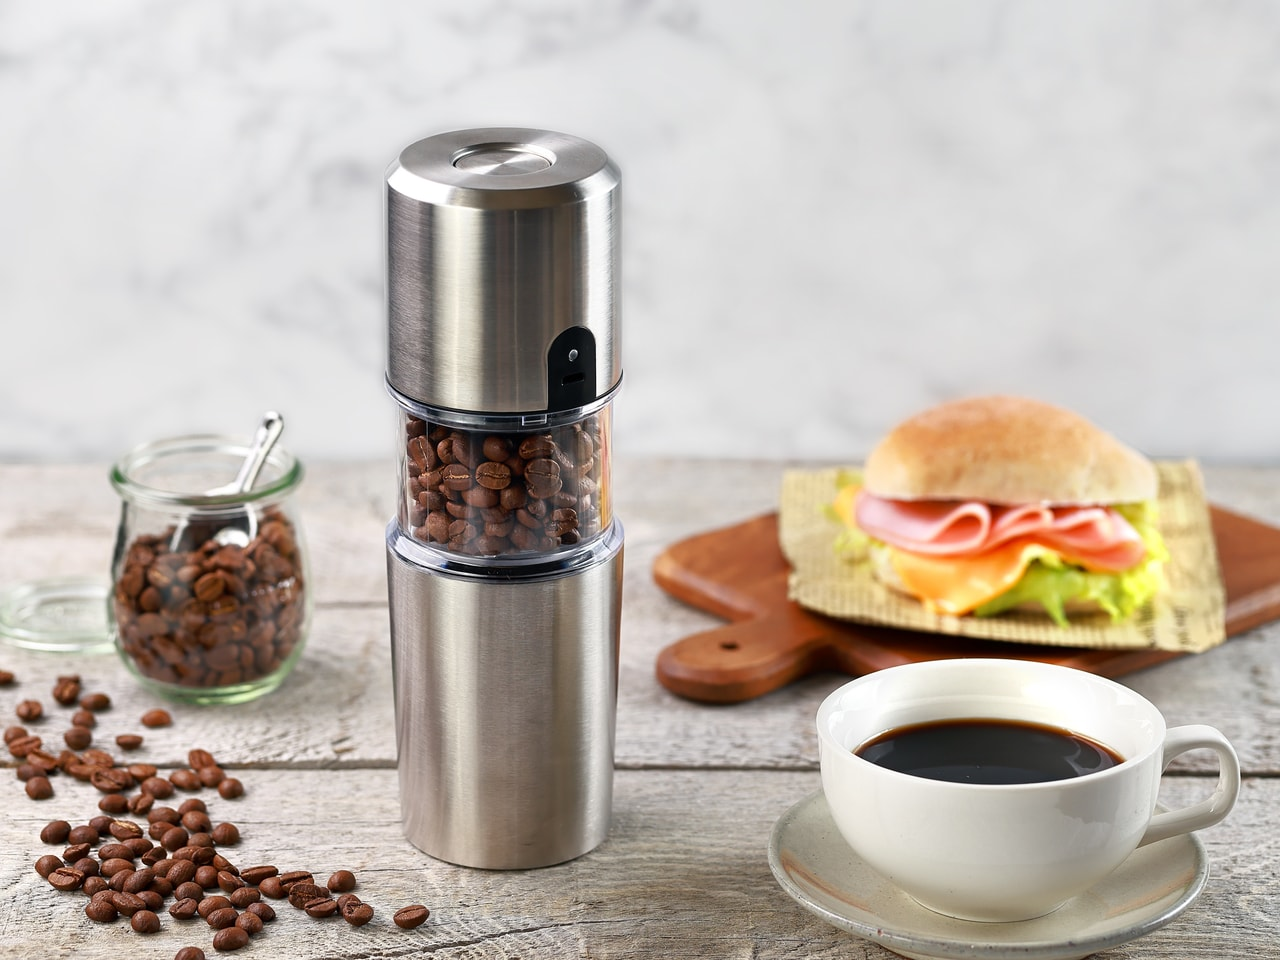 電動コーヒーミル×フィルター×コップが一体となったミルで本格コーヒーをお手軽に!